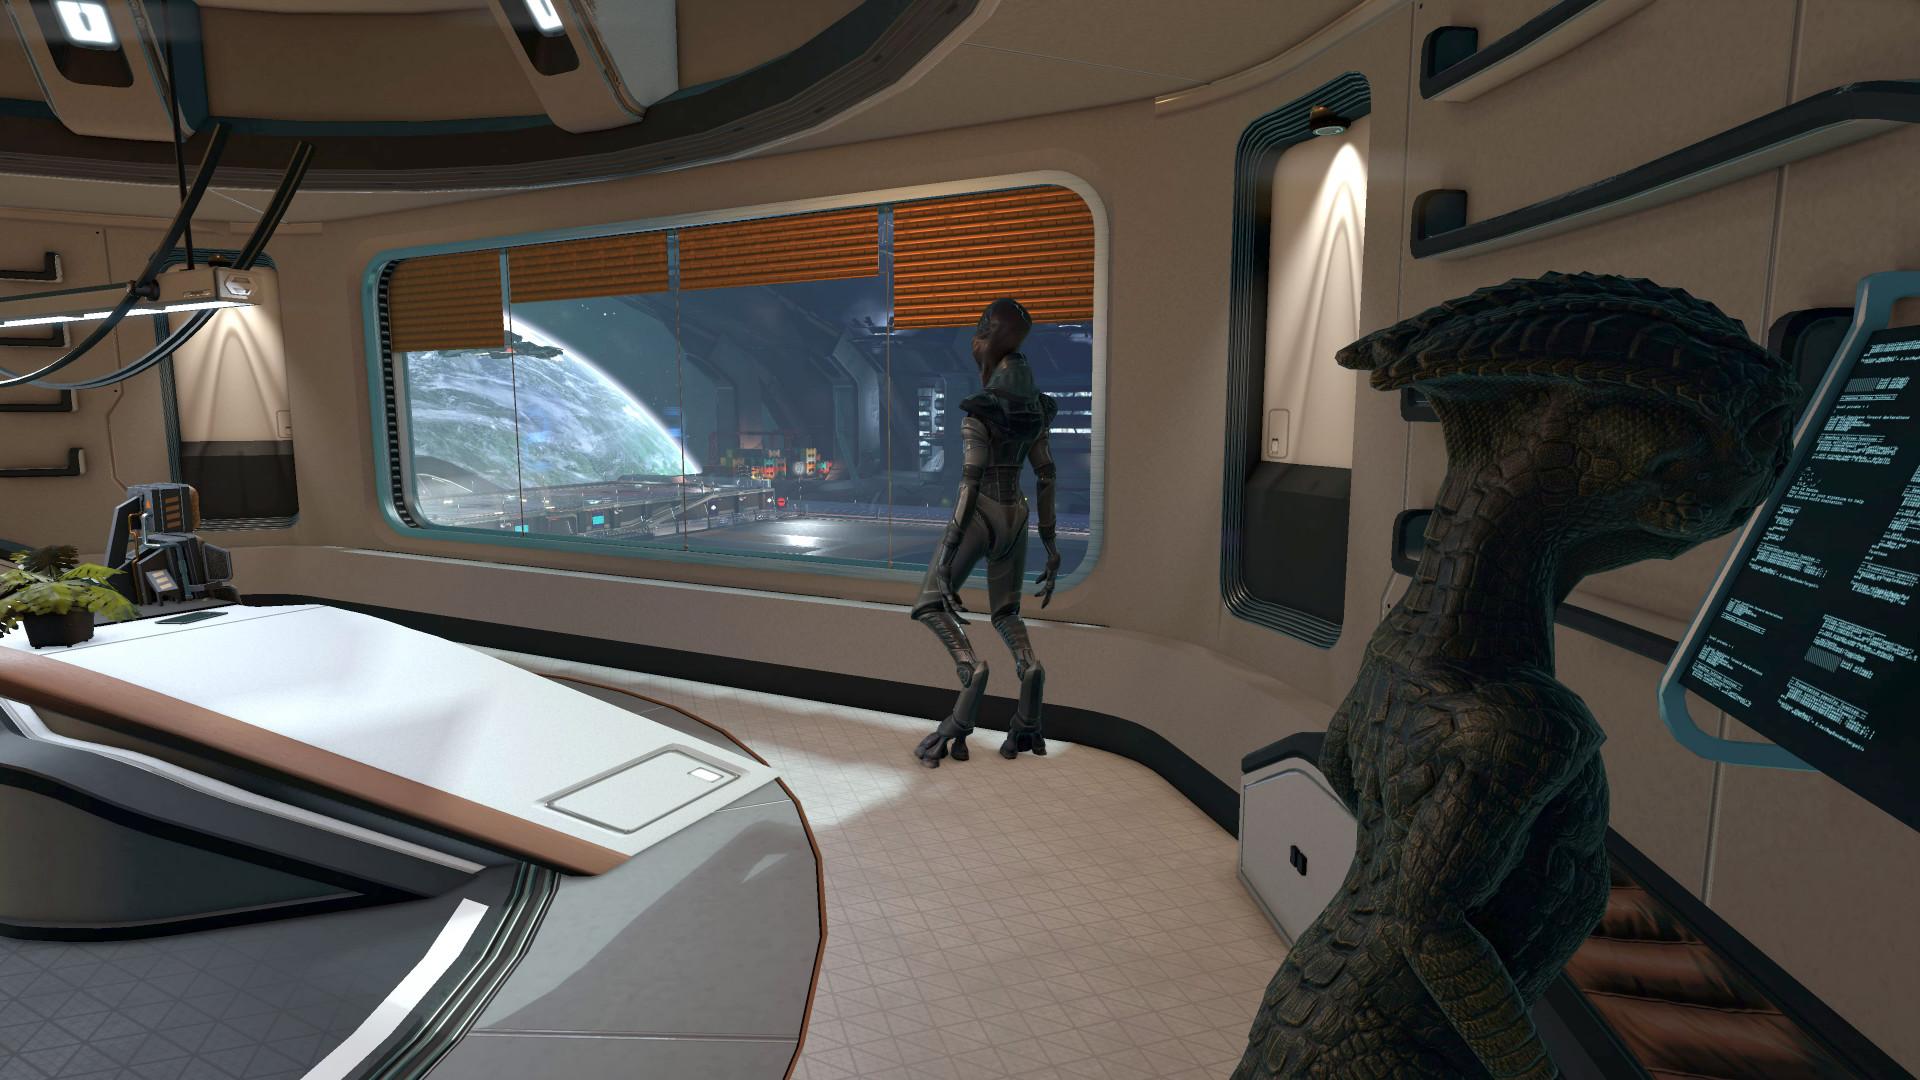 Il y a des jeux qui s'inspirent de 2001, l'Odyssée de l'espace. X4, lui, s'inspire juste de 2001, qui semble être la date à laquelle les animations des personnages ont été faites.